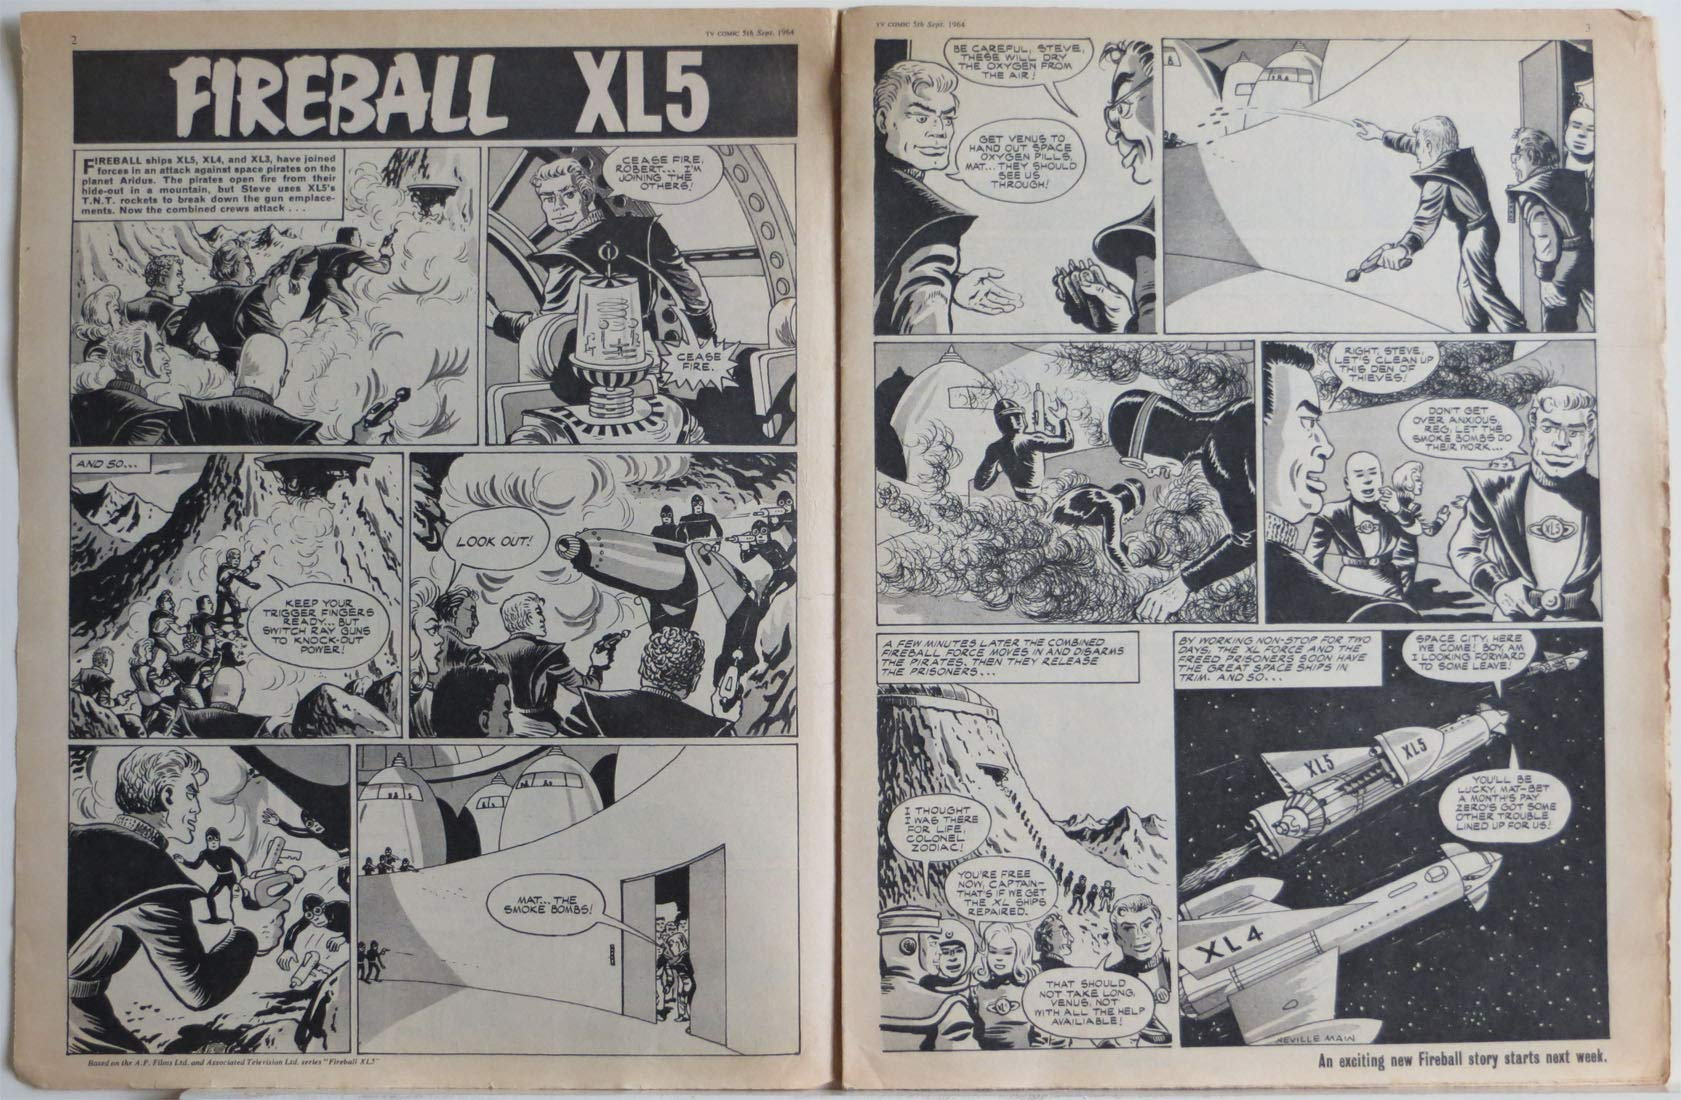 Tv Comic No664 5th September 1964 Featuring Fireball Xl5